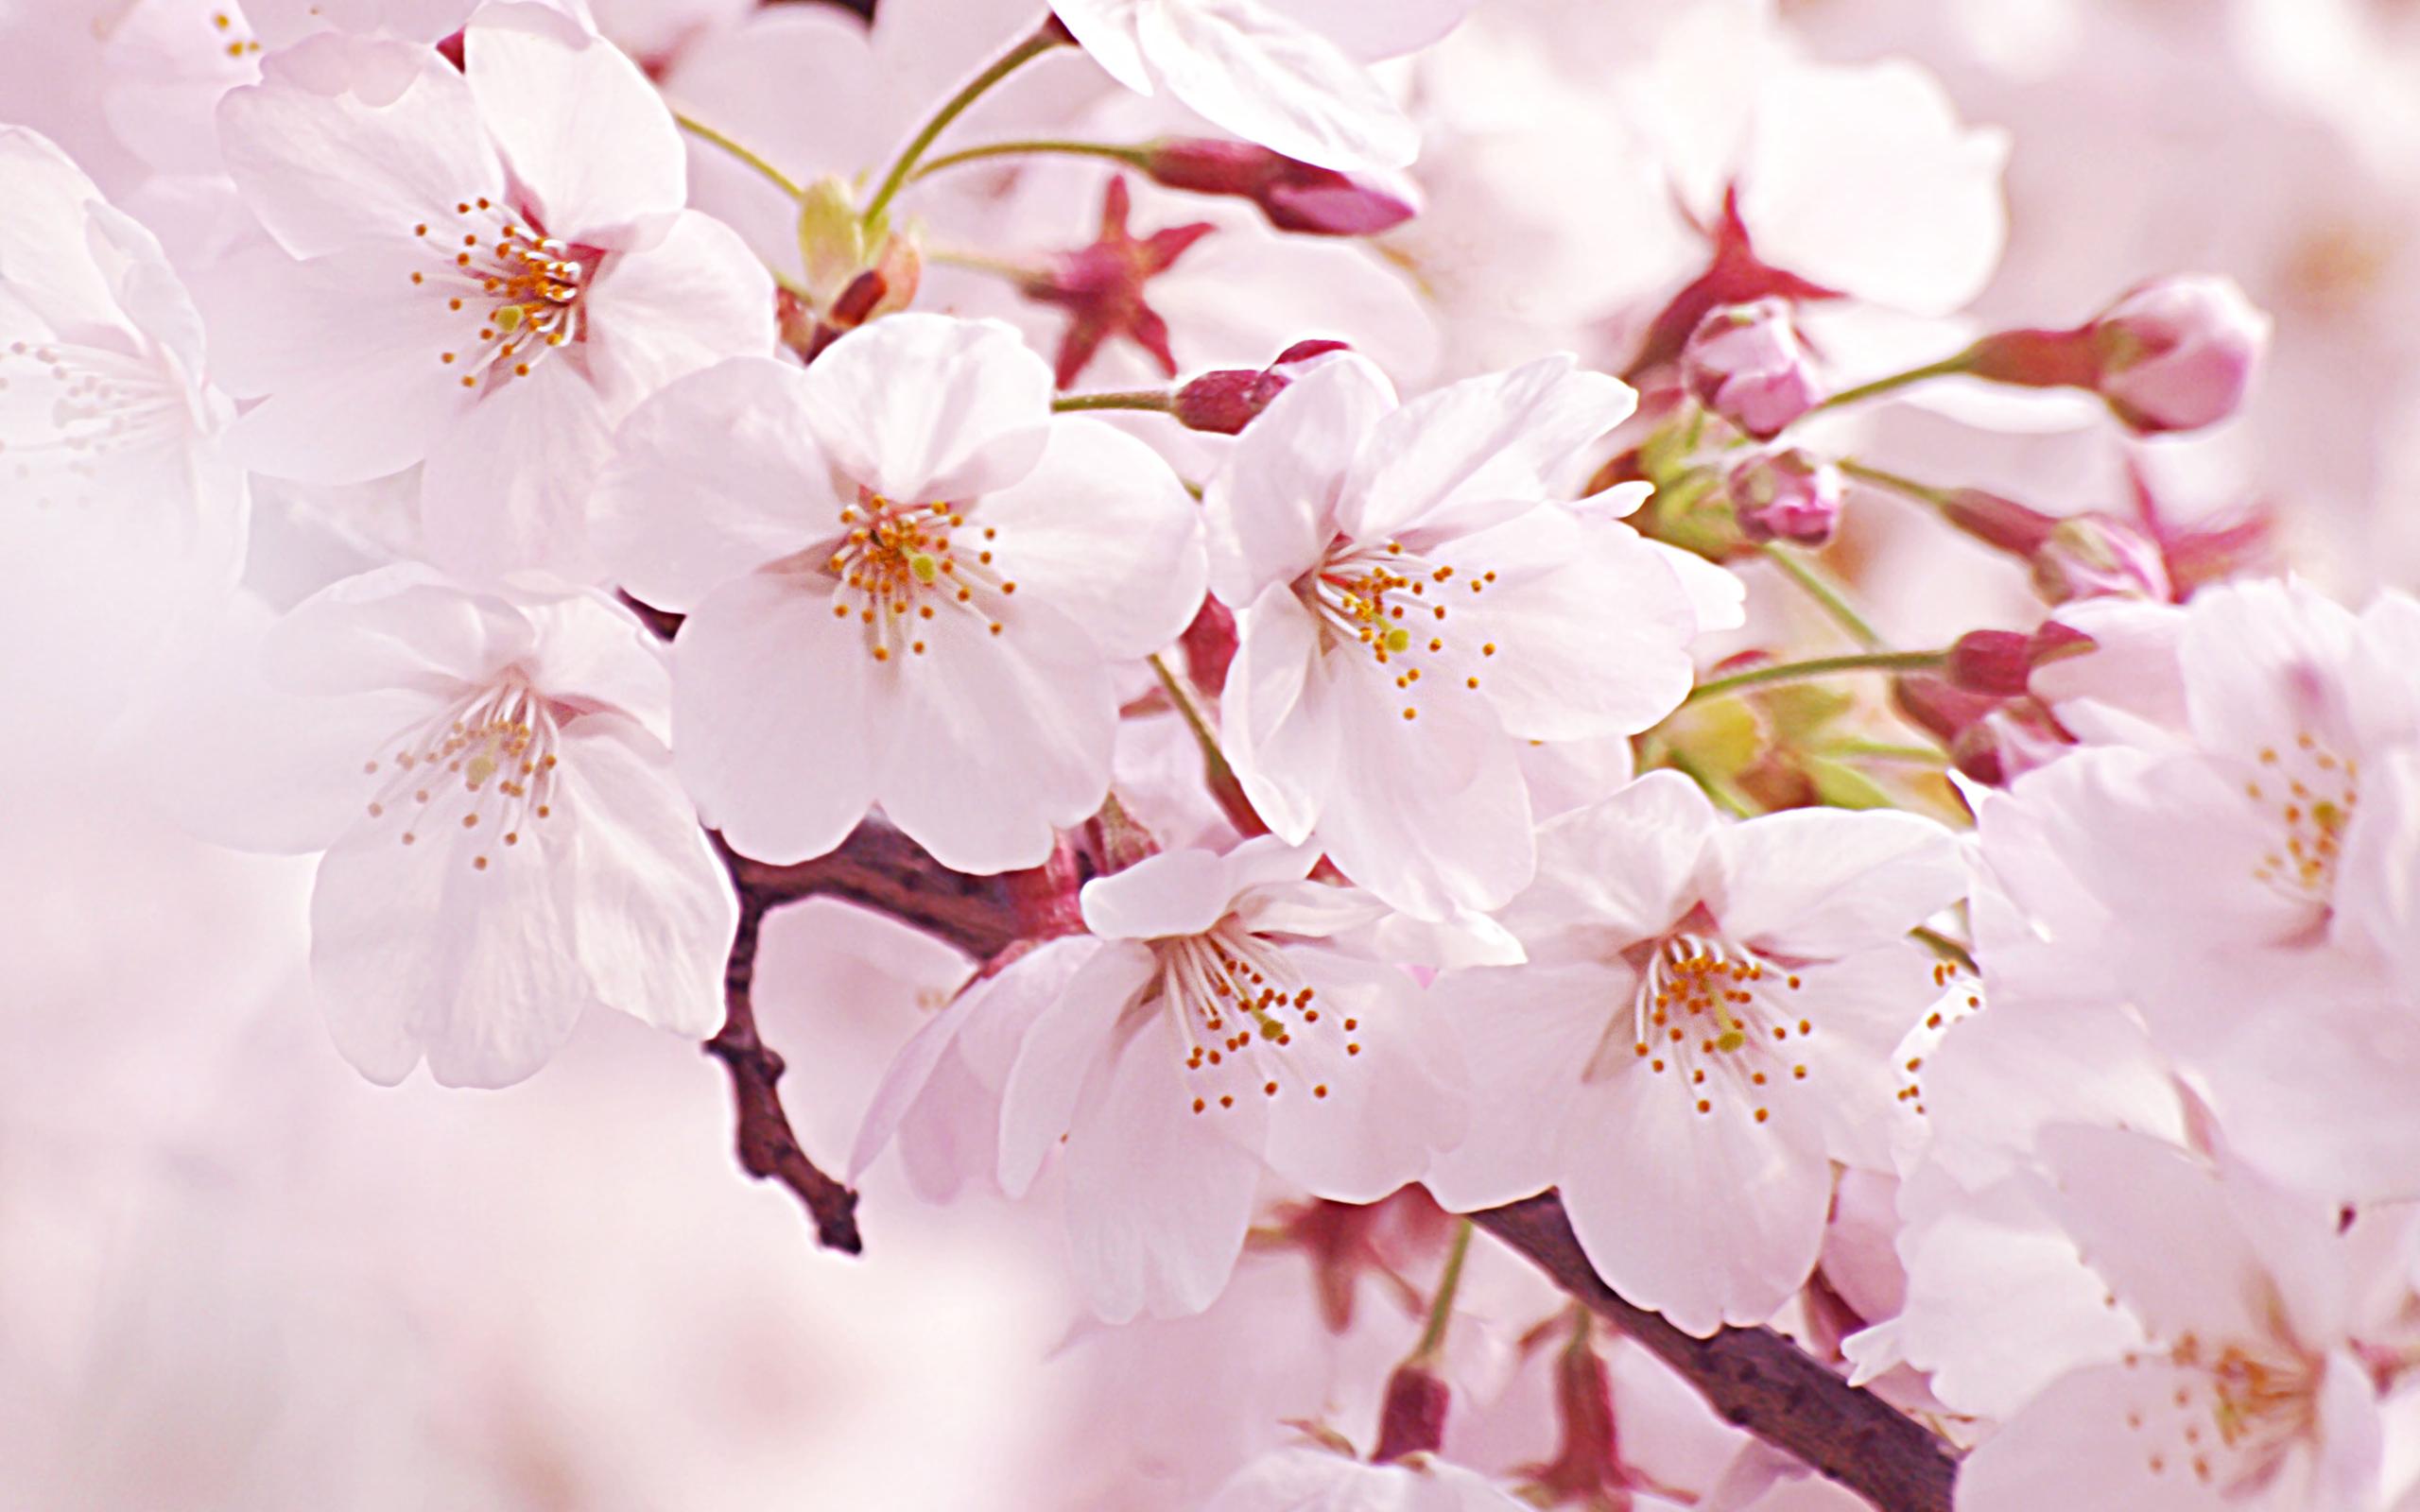 2015年4月(平成27年) 桜のシーズン!全国各大学・入学式日程一覧等まとめ